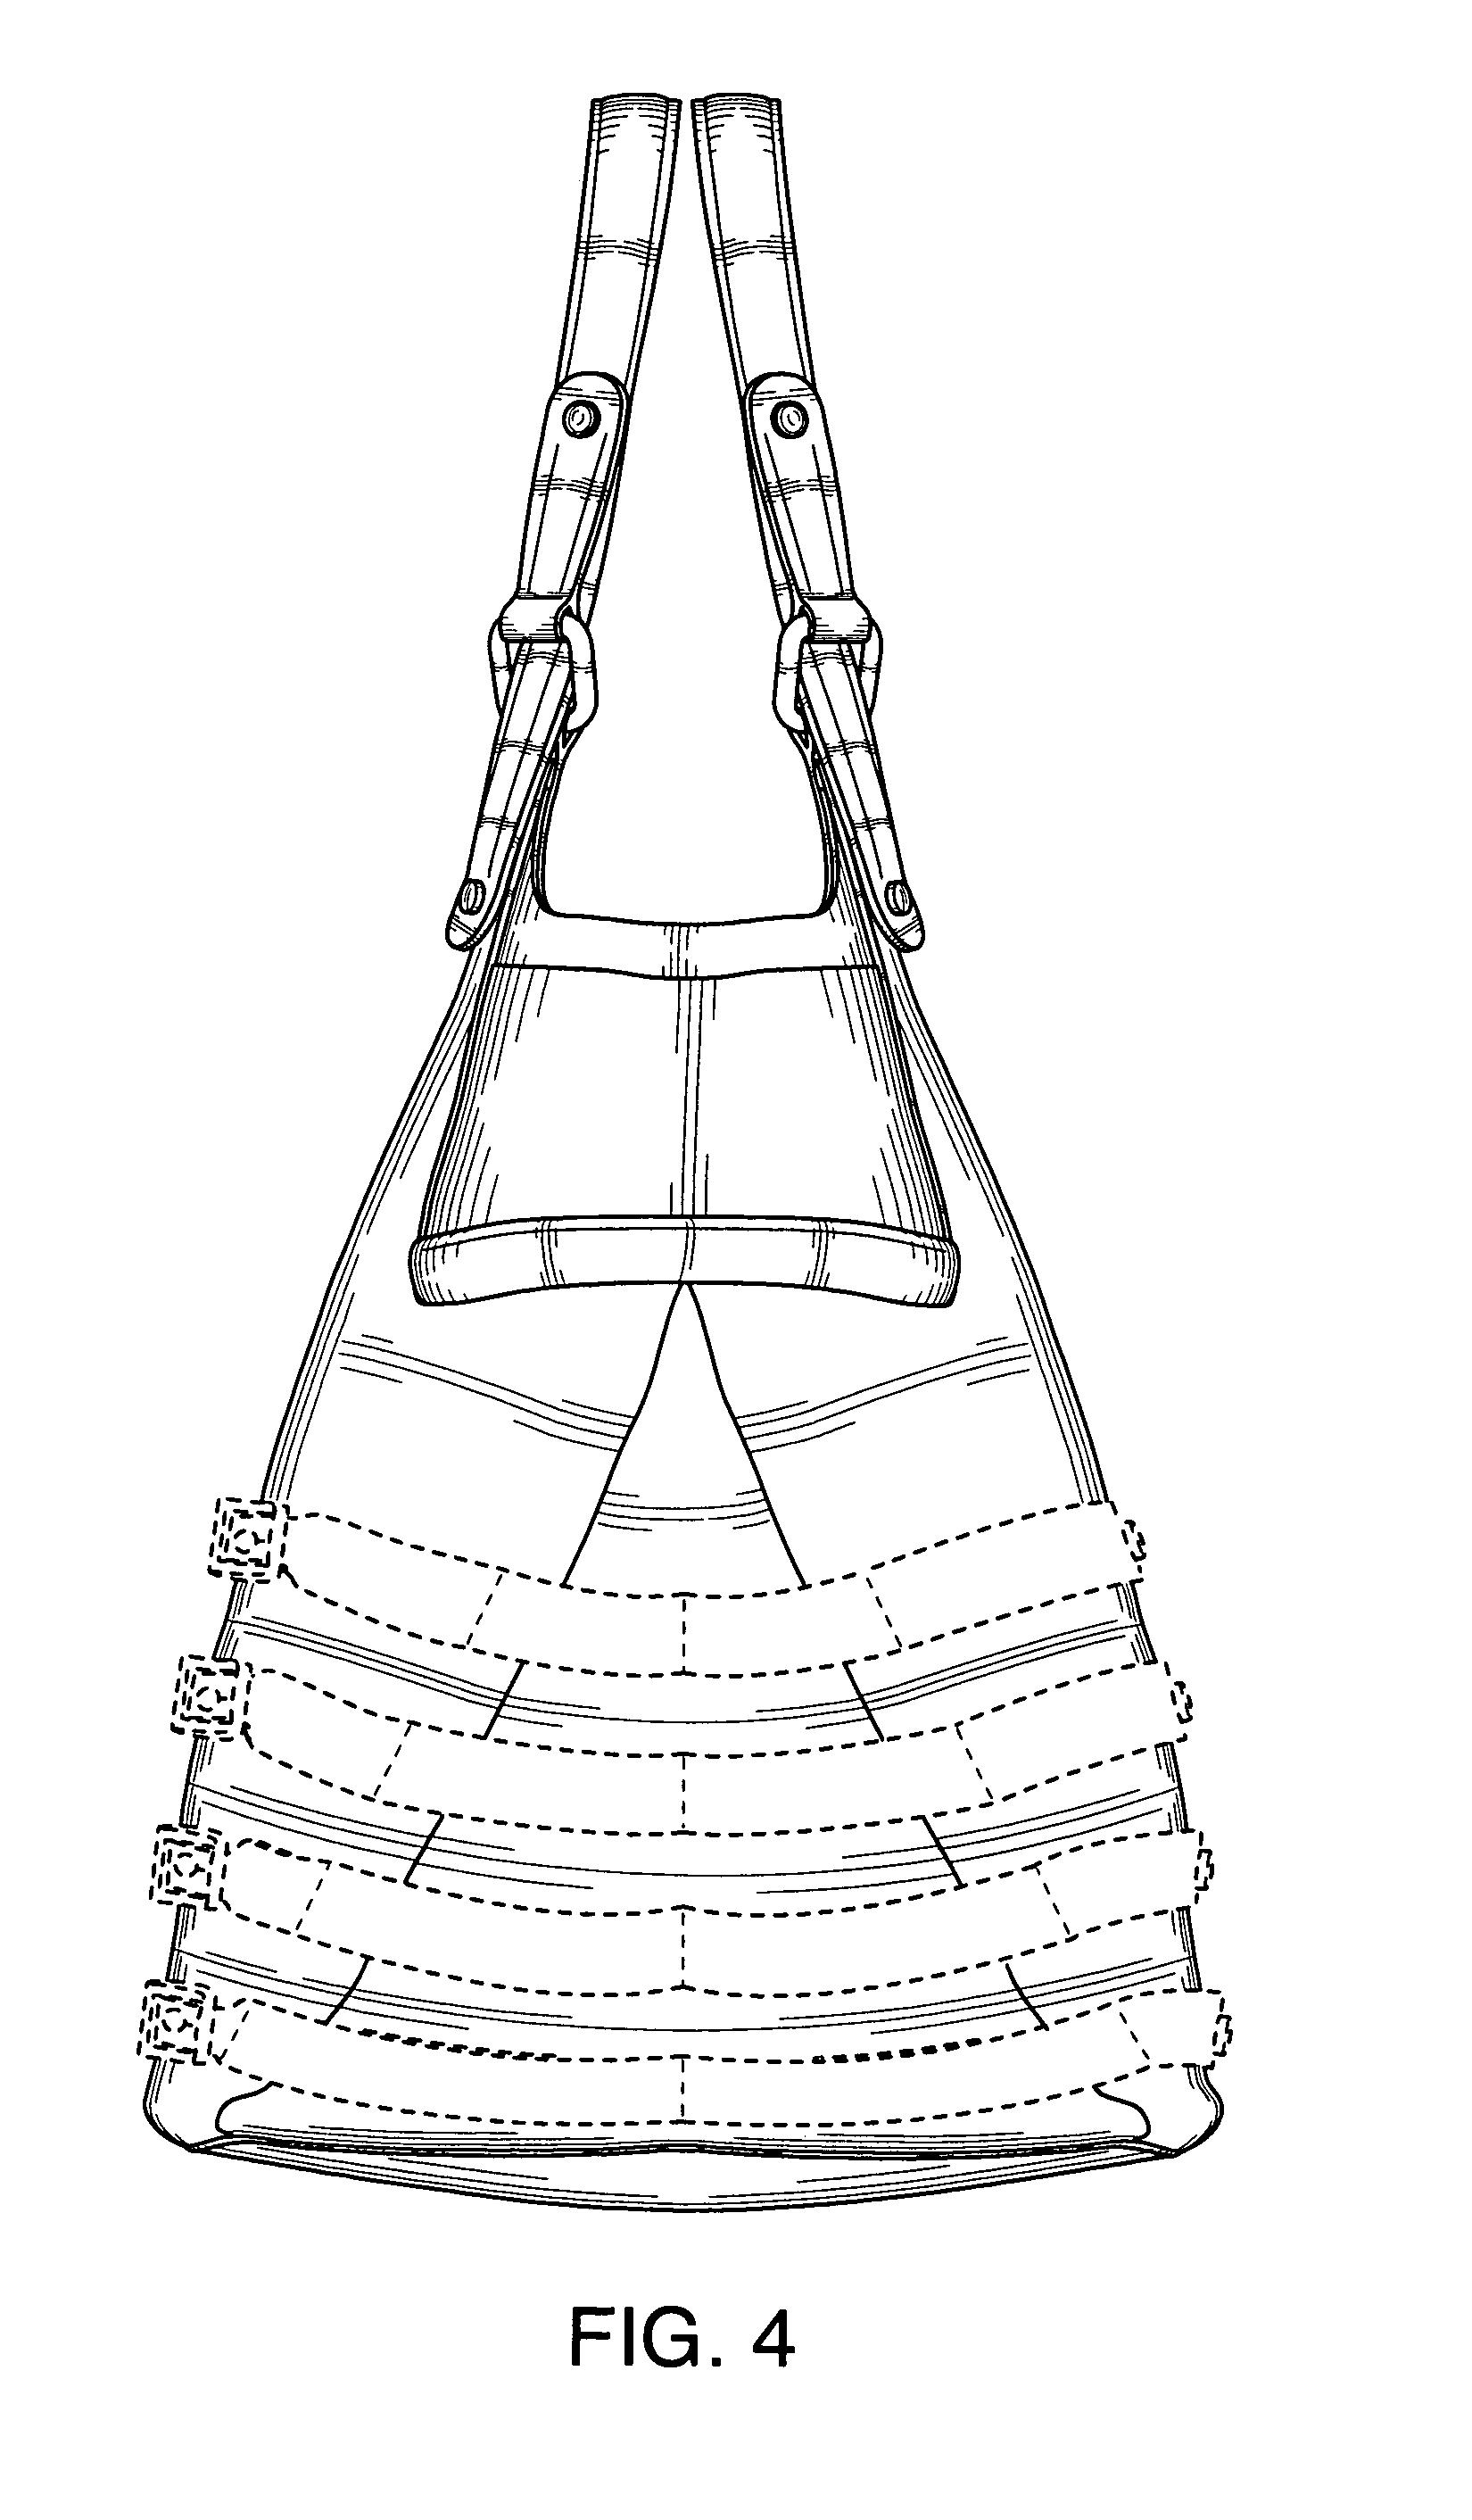 包 包包 简笔画 挎包手袋 女包 手绘 手提包 线稿 1650_2824 竖版 竖